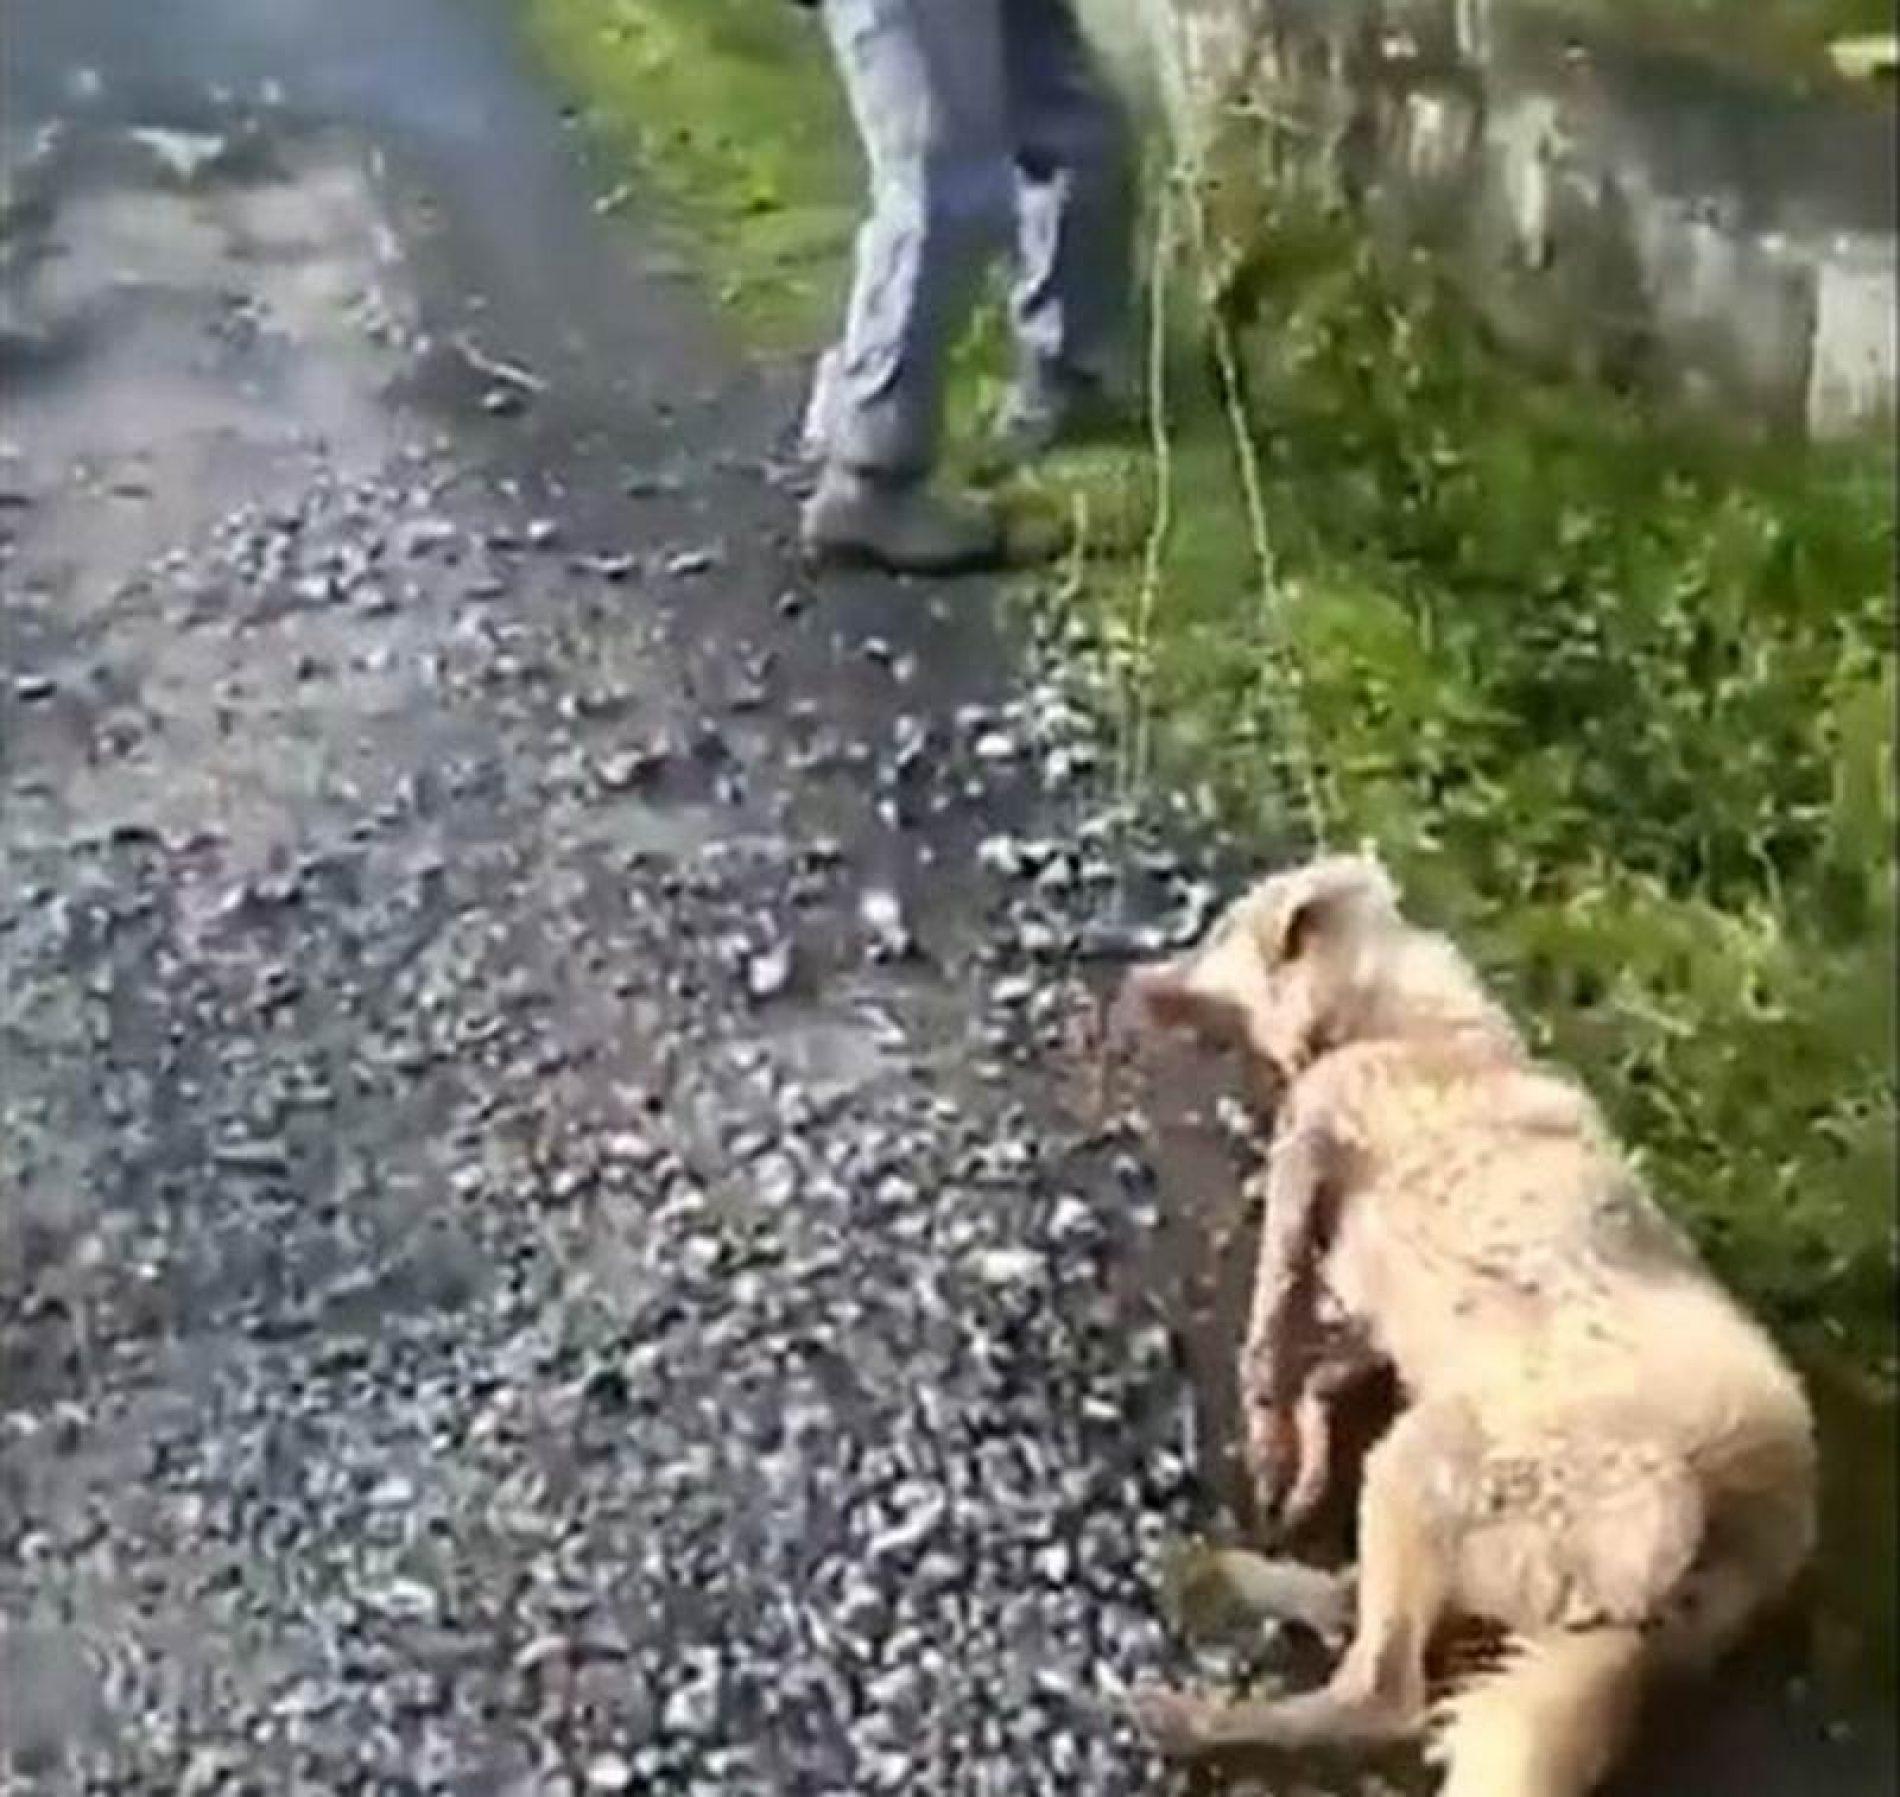 La RFEC presenta una querella por maltrato animal contra el individuo que ha agredido a un perro en Lugo